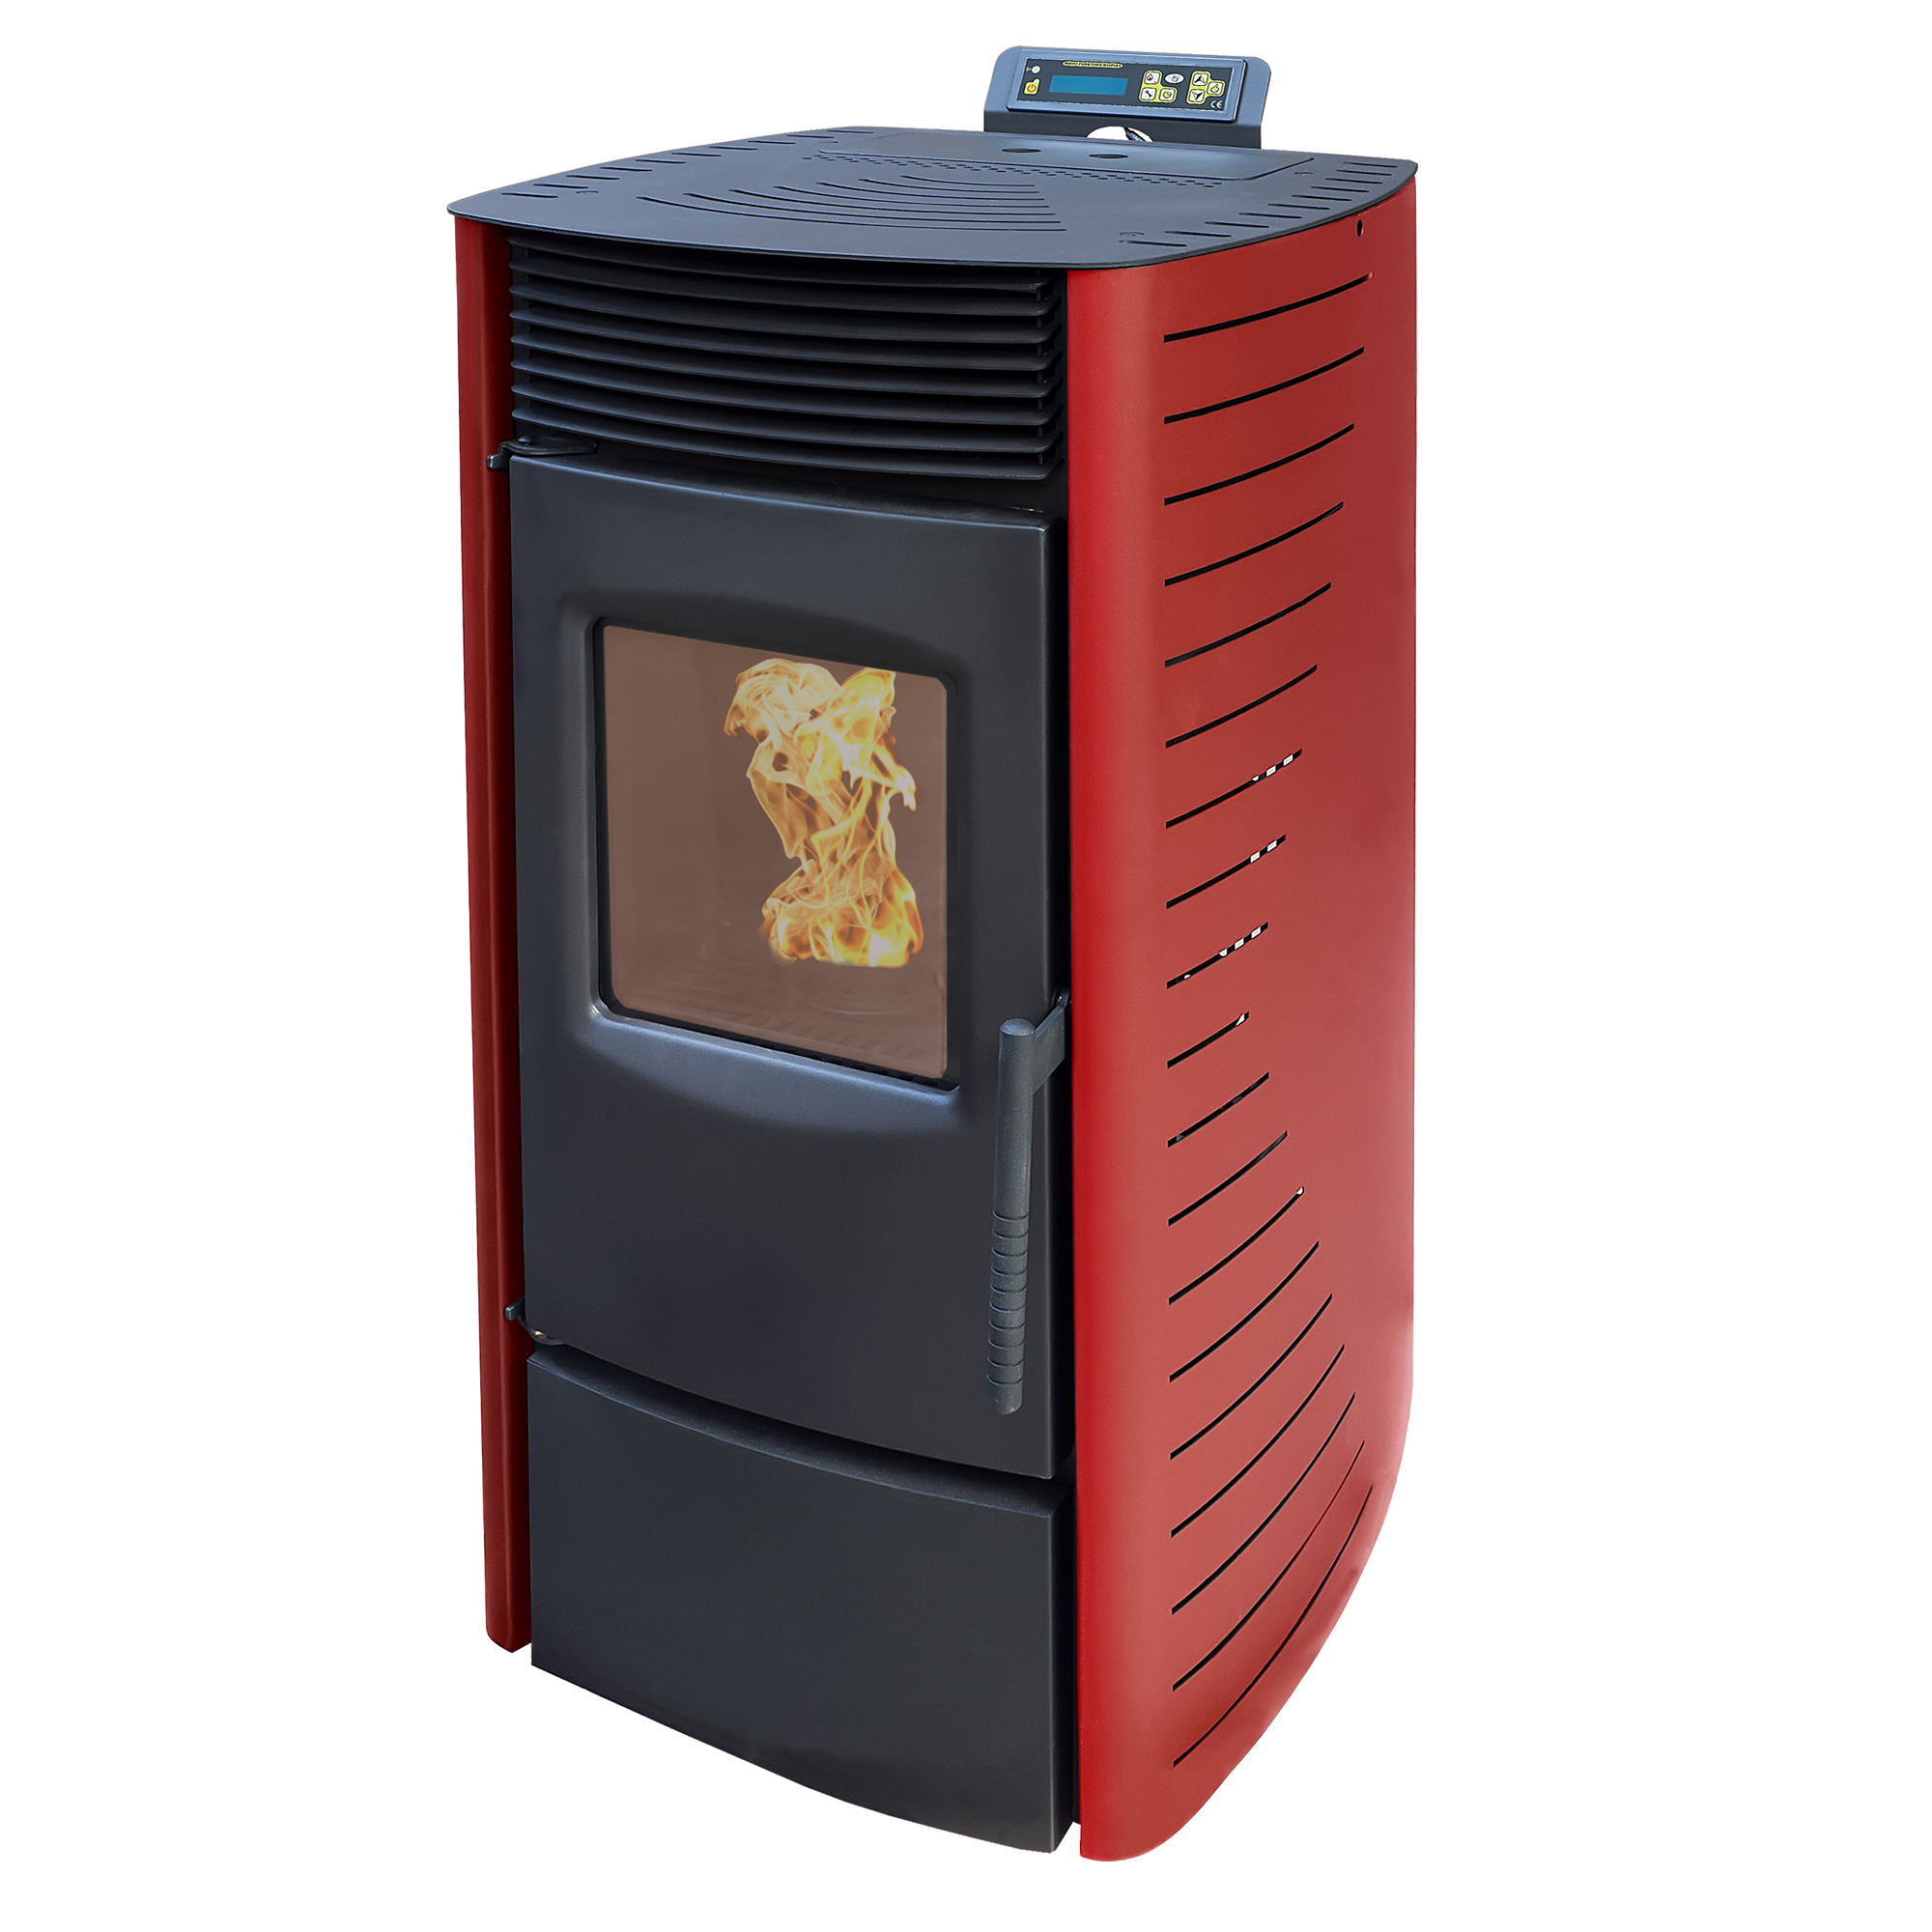 nemaxx pelletofen 9kw mit programmierung eco modus kaminofen pelletheizung rot ebay. Black Bedroom Furniture Sets. Home Design Ideas